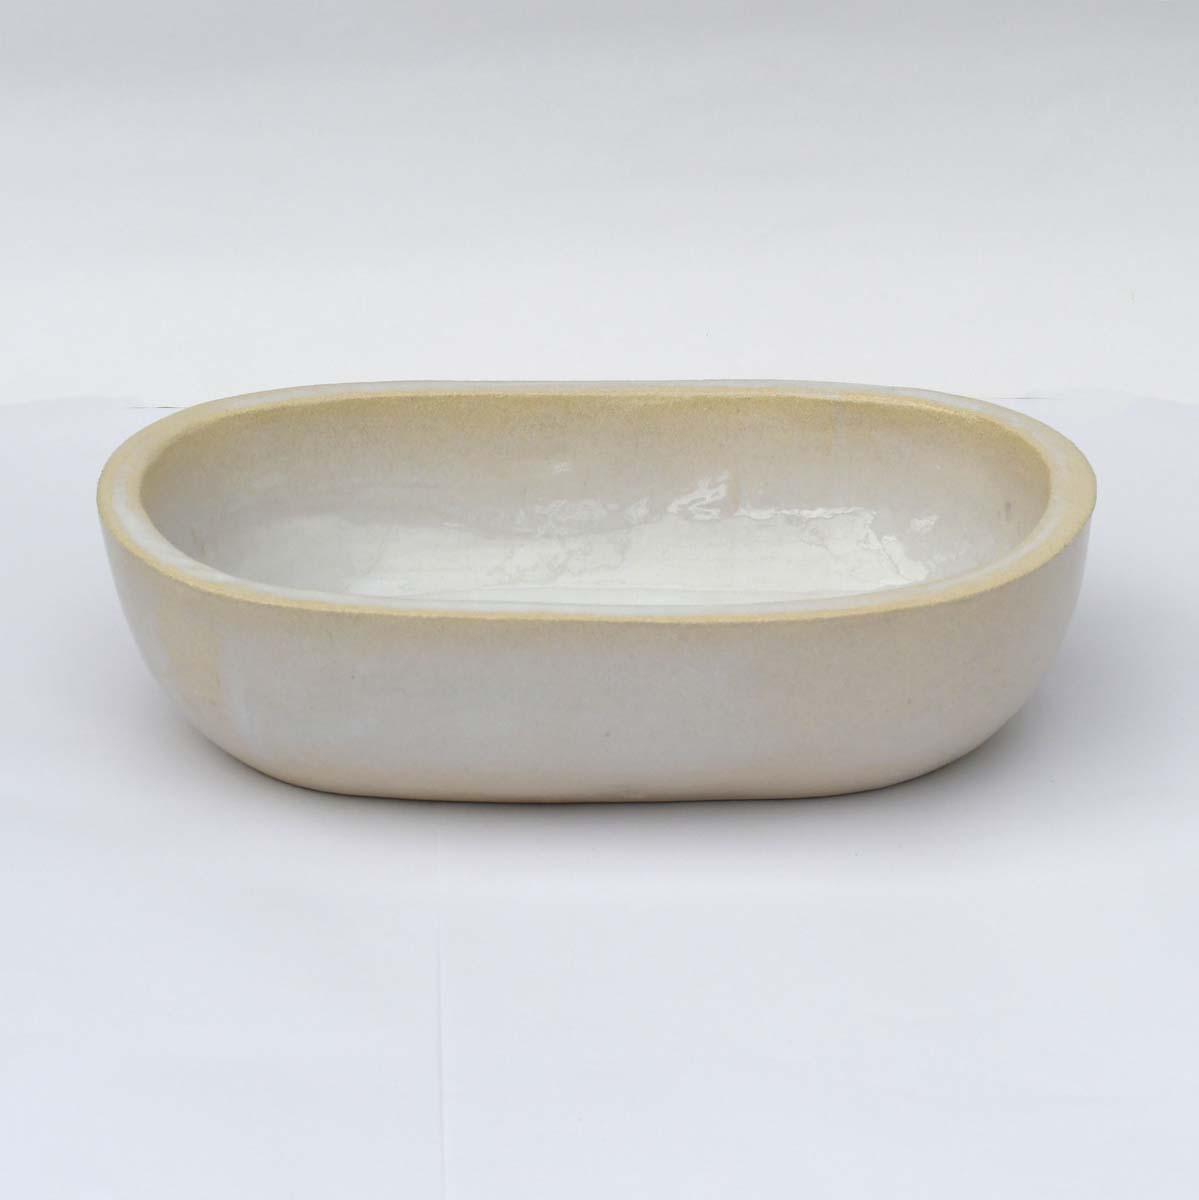 כיור אמבטיה קטן אובאלי בצבע לבן